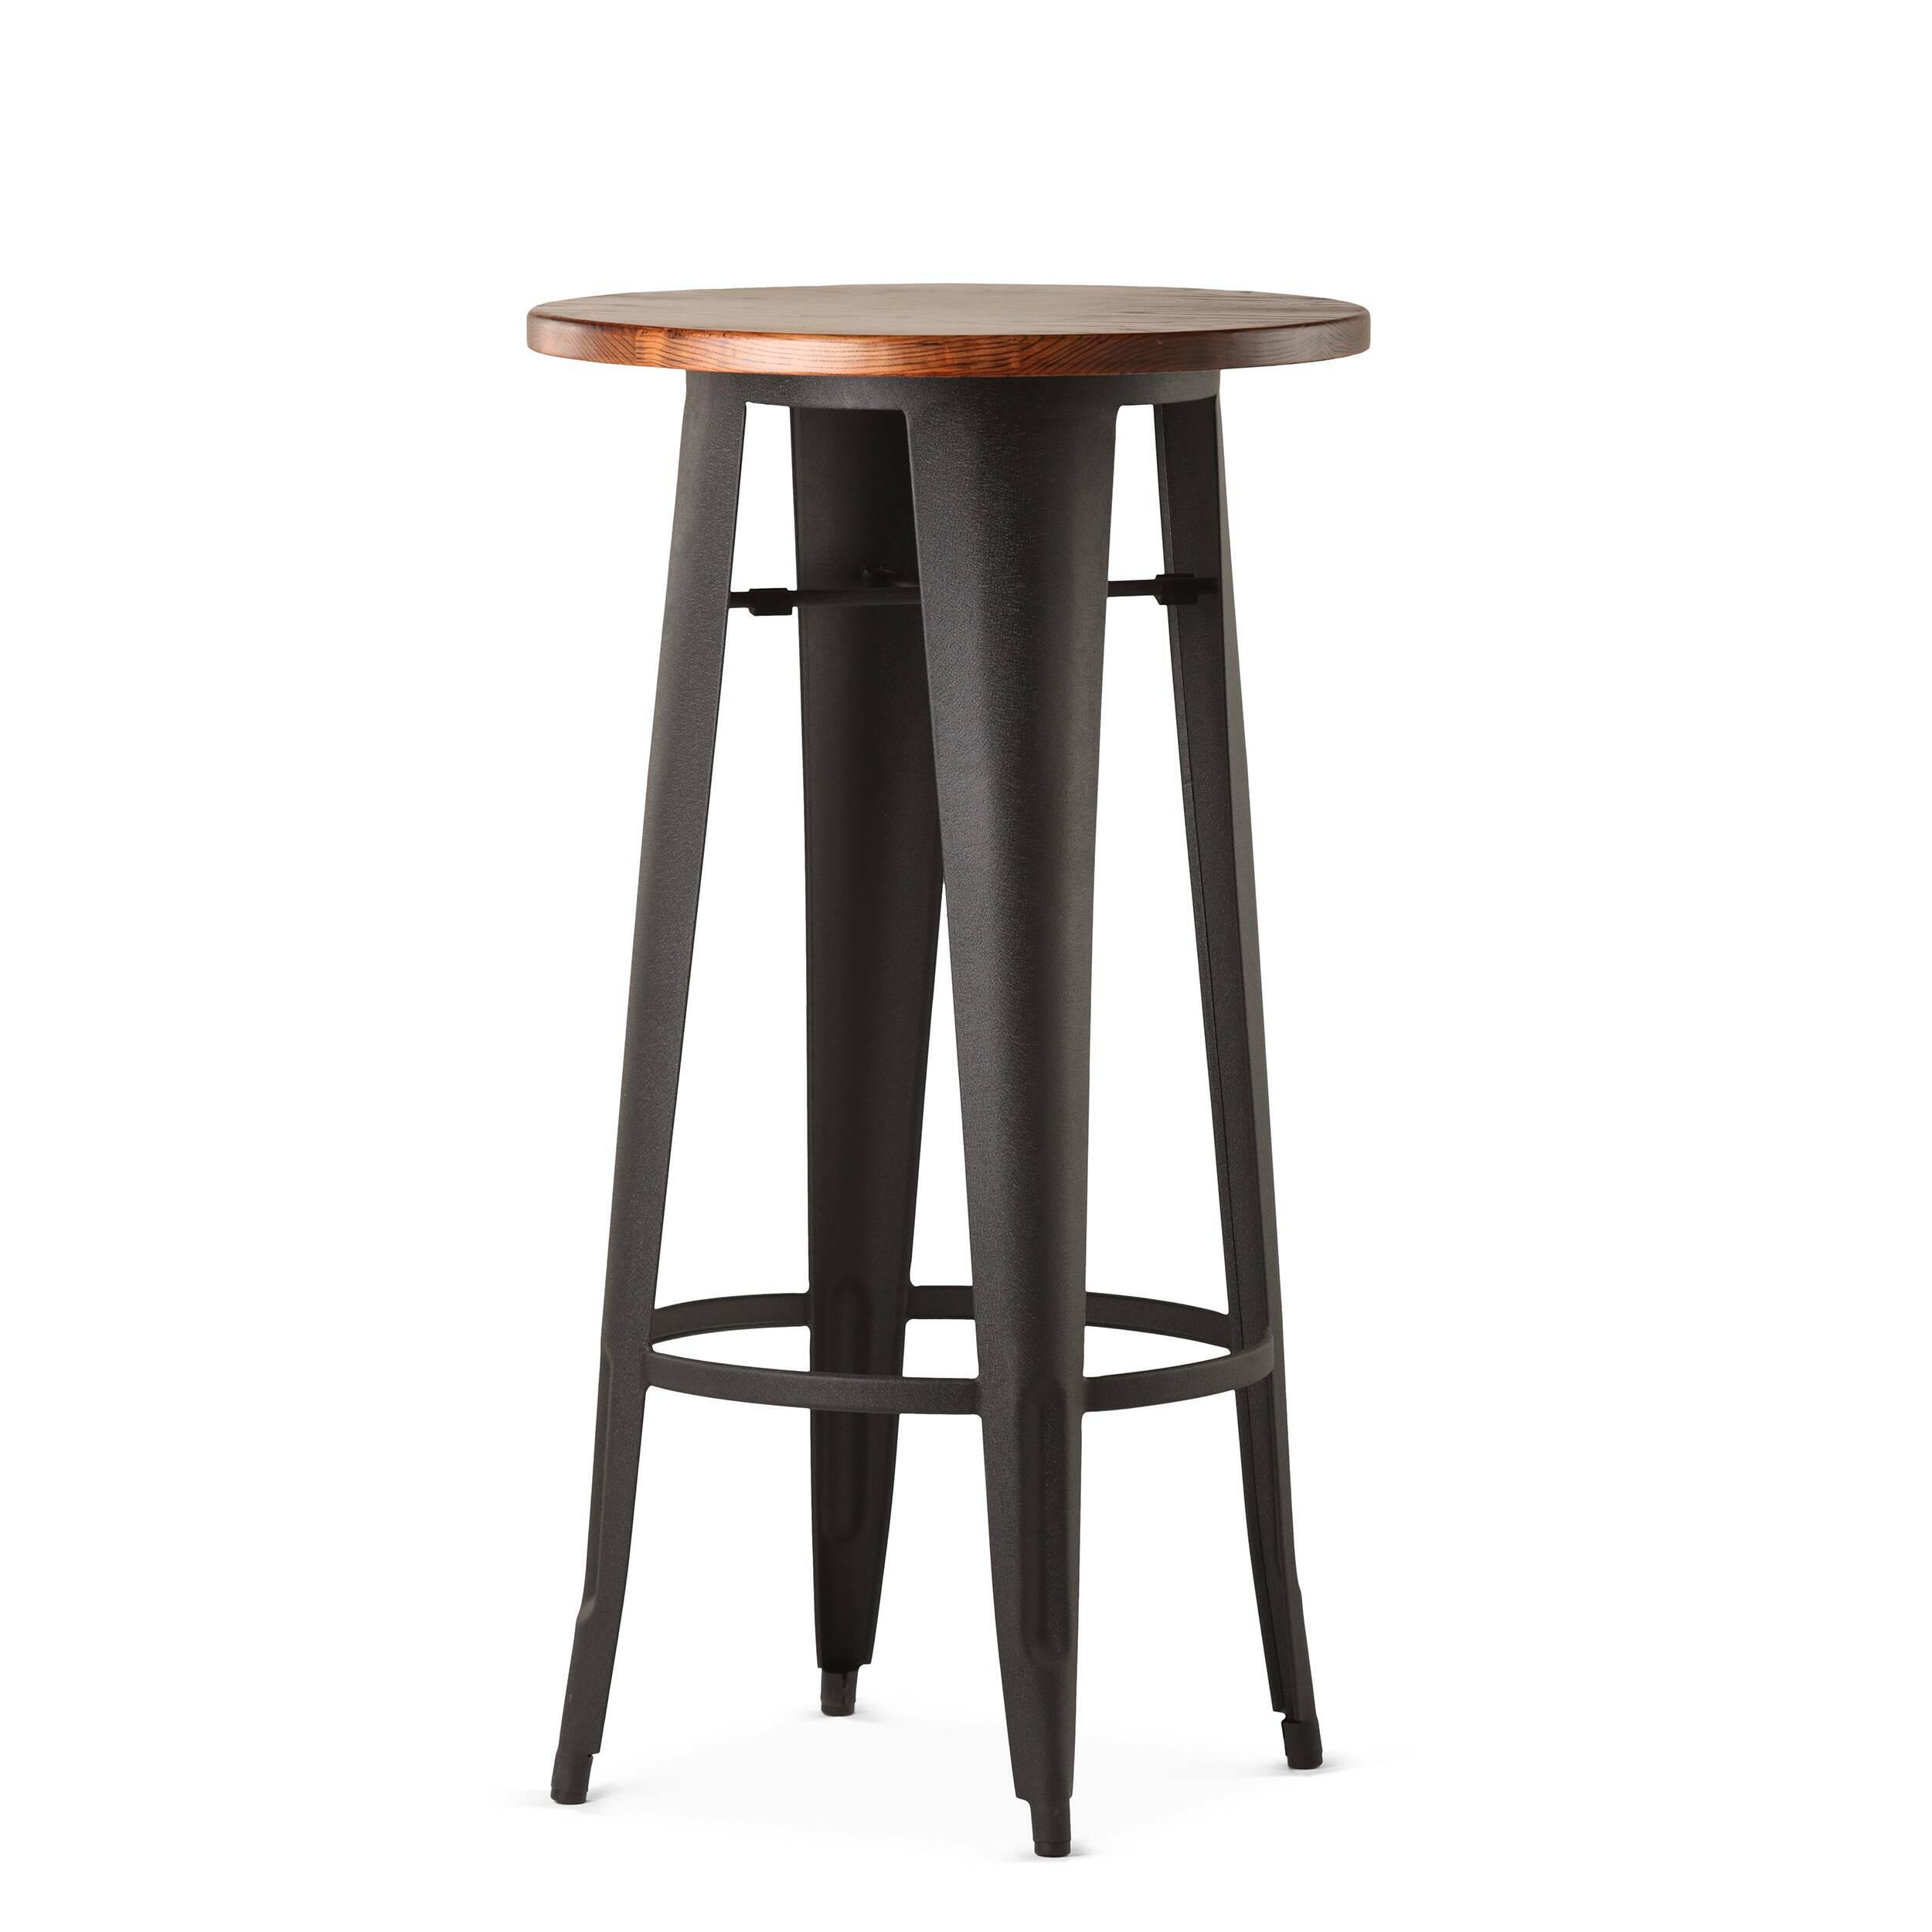 Барный стол Marais VintageБарные<br>Дизайнерский узкий высокий круглый стол Marais Vintage (Мэреиз Винтаж) на стальных ножках от Cosmo (Космо).<br><br><br> В широкий ассортимент коллекции Marais входят столы, кресла и стулья, дизайн который строго выдержан в индустриальном стиле. Стальной каркас, темное патинирование и элементы из натуральных пород дерева — характерные черты всех моделей коллекции. Благодаря этому они отлично подходят для декорирования домашних и коммерческих интерьеров в стиле лофт или индастриал. <br><br><br> Барный о...<br><br>stock: 0<br>Высота: 107<br>Диаметр: 60<br>Цвет ножек: Черный<br>Цвет столешницы: Антикварный<br>Материал столешницы: Массив ивы<br>Тип материала столешницы: Дерево<br>Тип материала ножек: Сталь